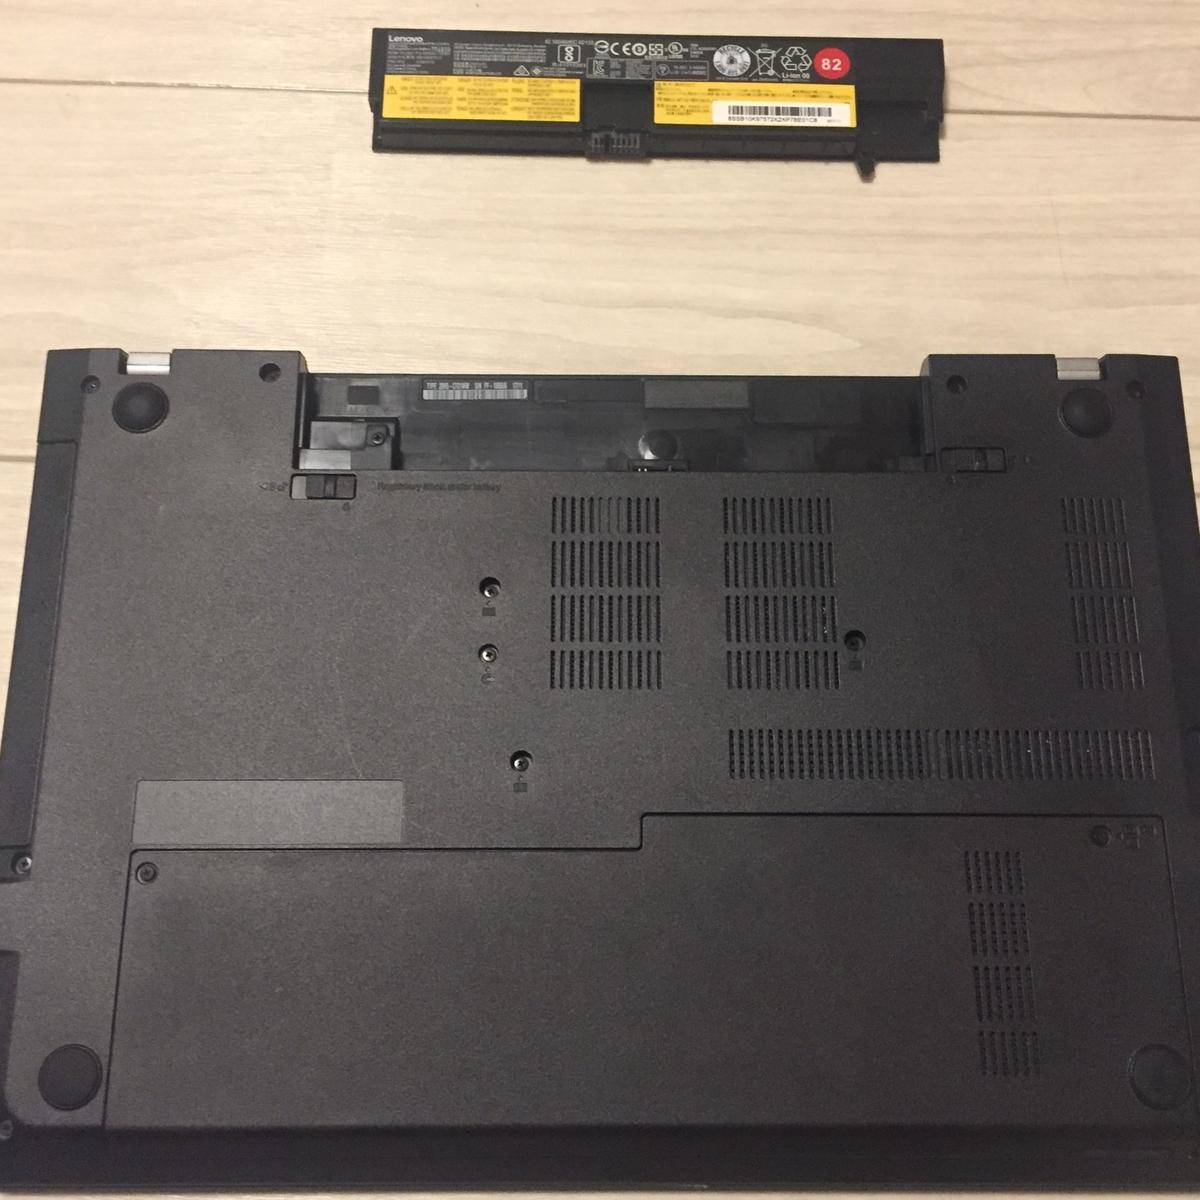 PC メモリ 増設 IT CMOS シーモスクリア クリア Think Pad シンクパッド 570 E570 分解 ガジェット 内臓電池